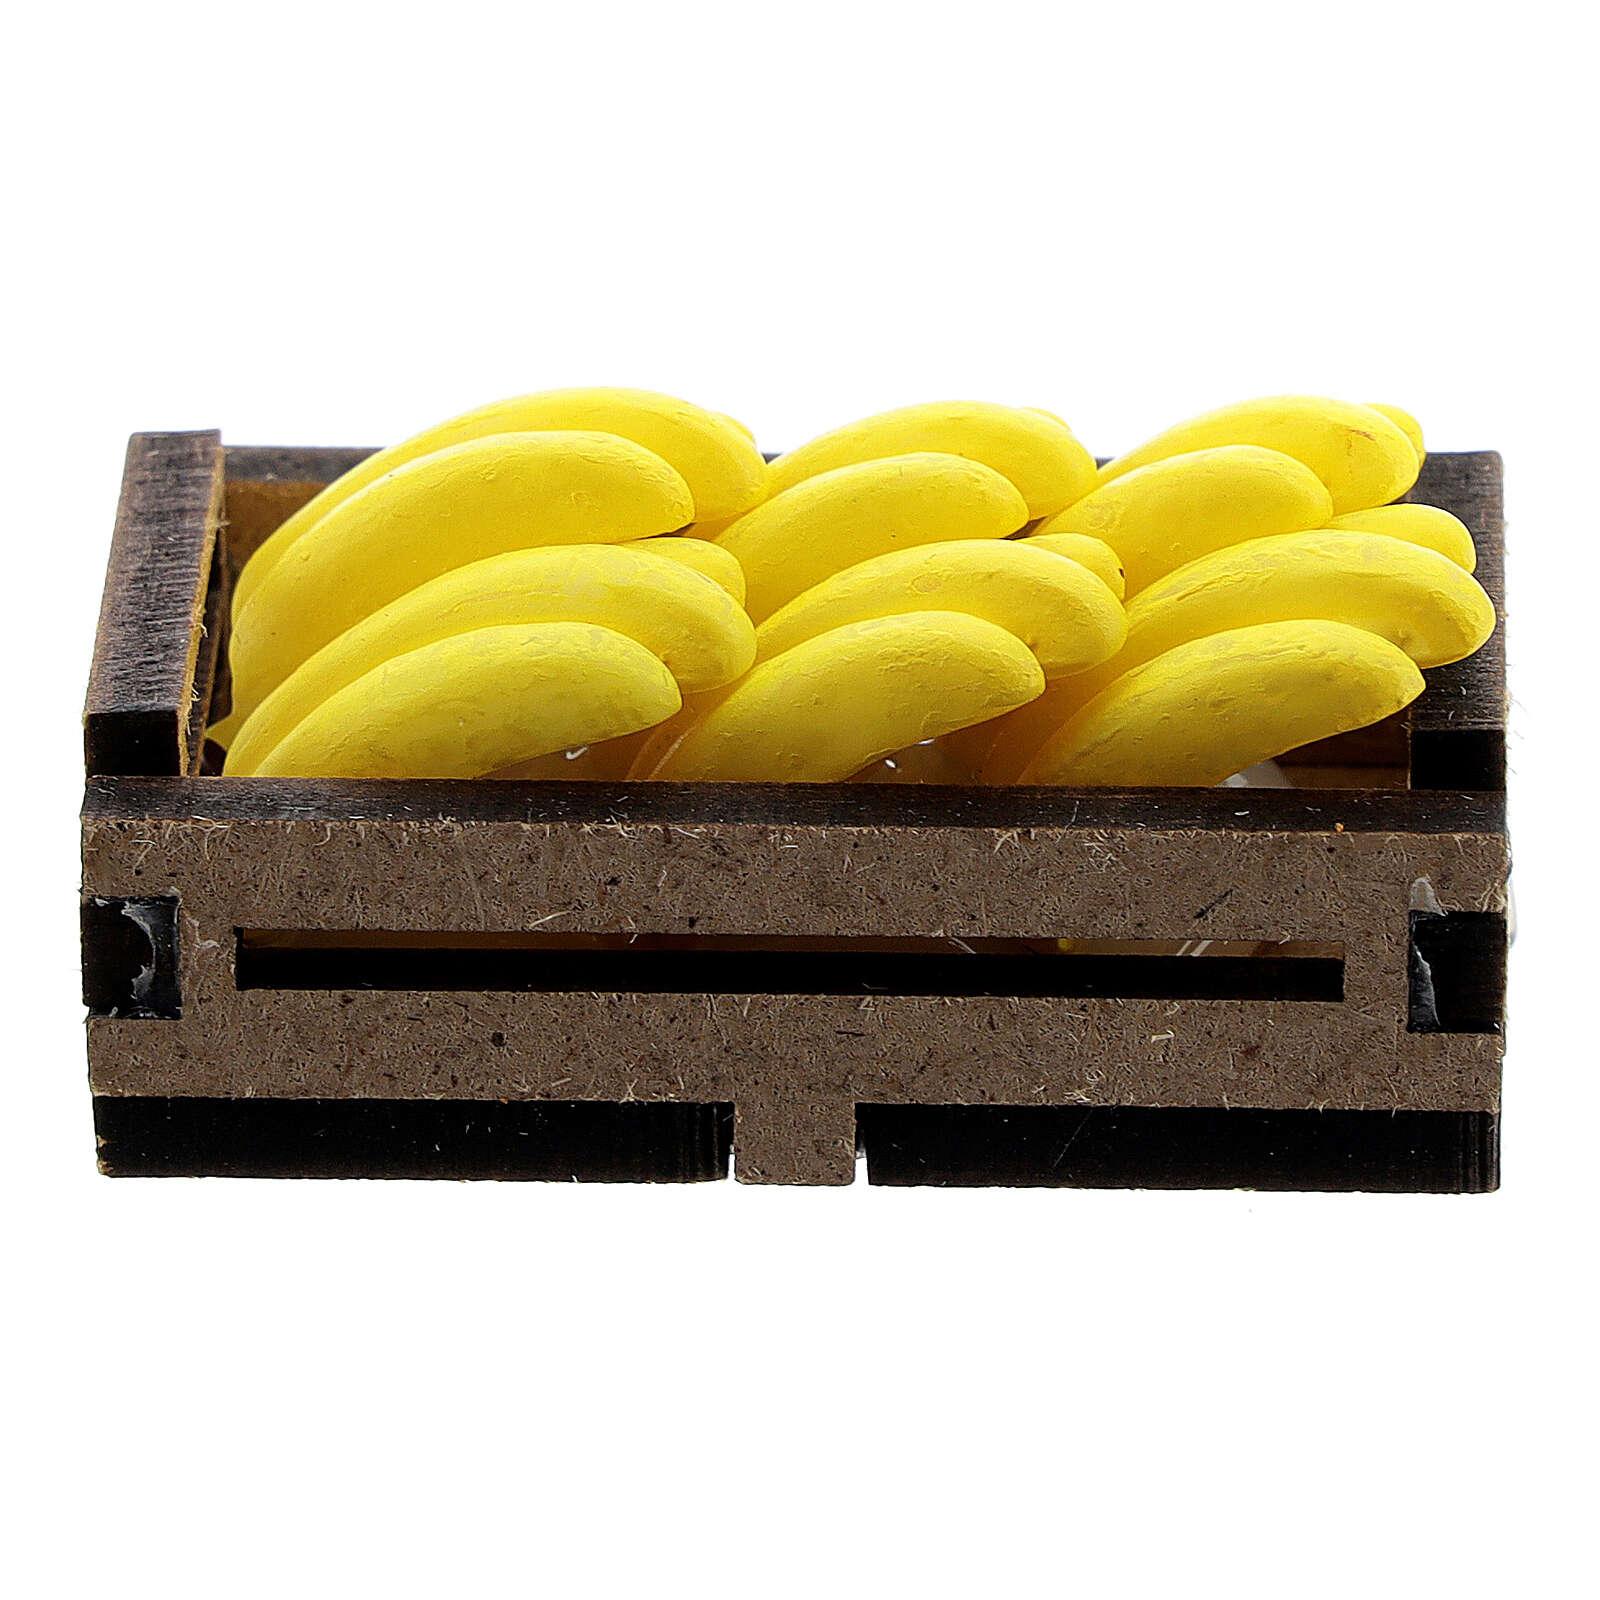 Bananas in box Nativity scene 12-14 cm 4